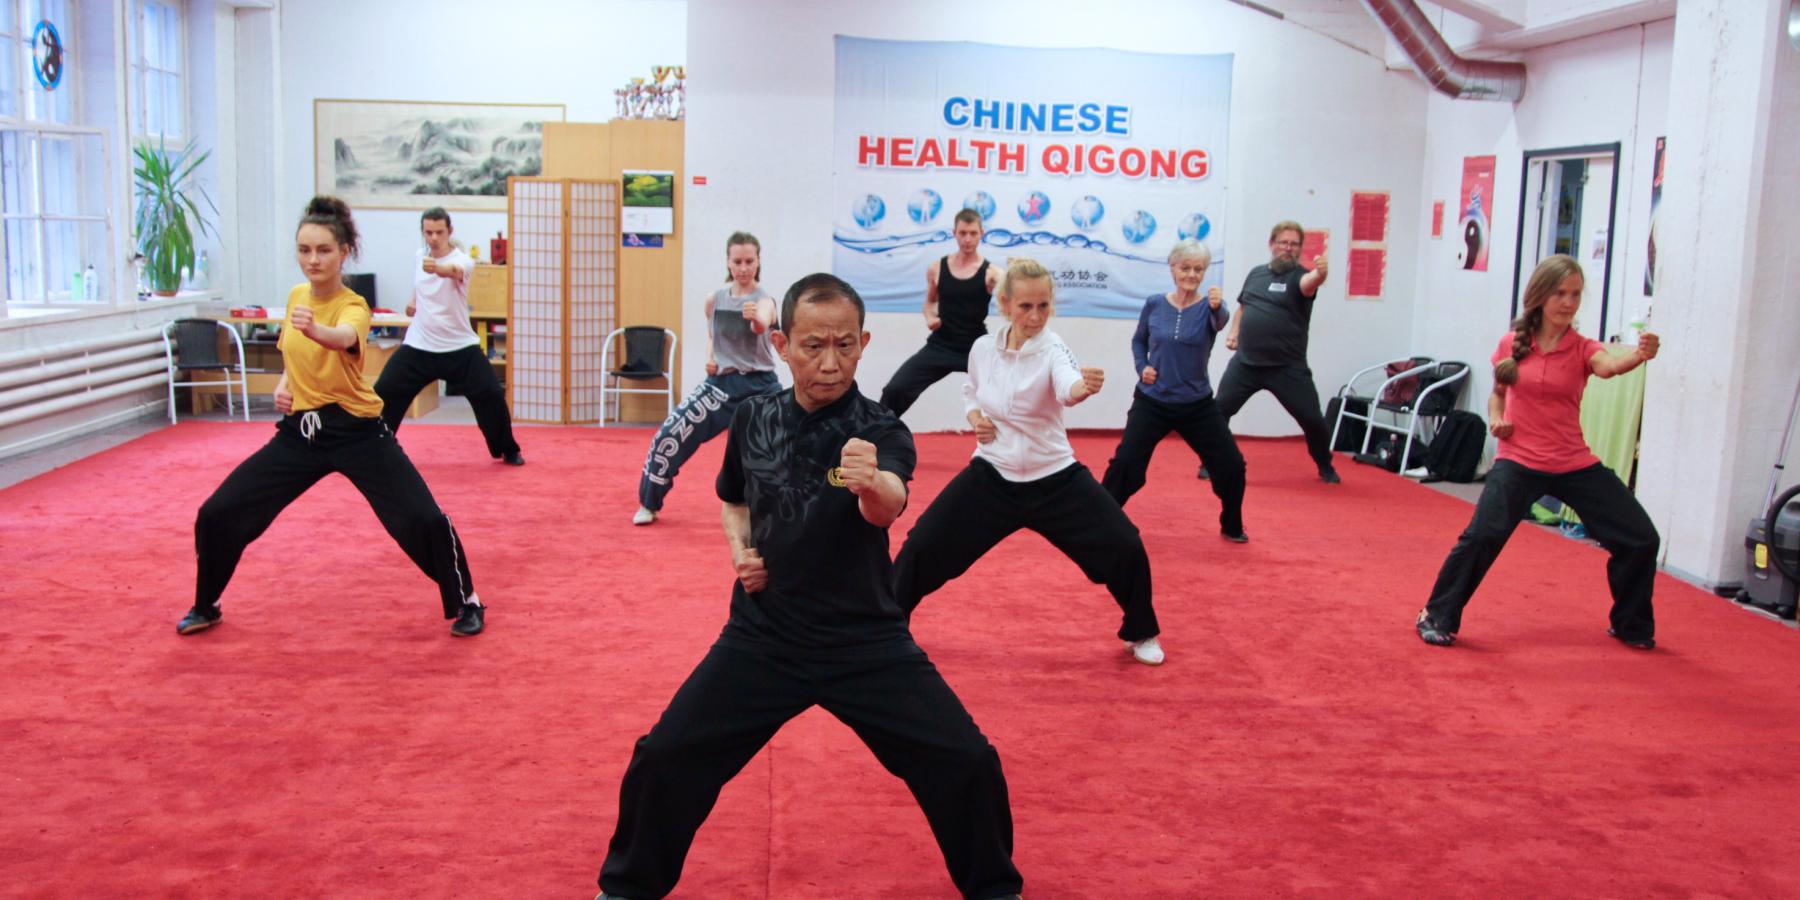 Qigongin harjoittelu tuo monipuolisia terveyttä edistäviä vaikutuksia